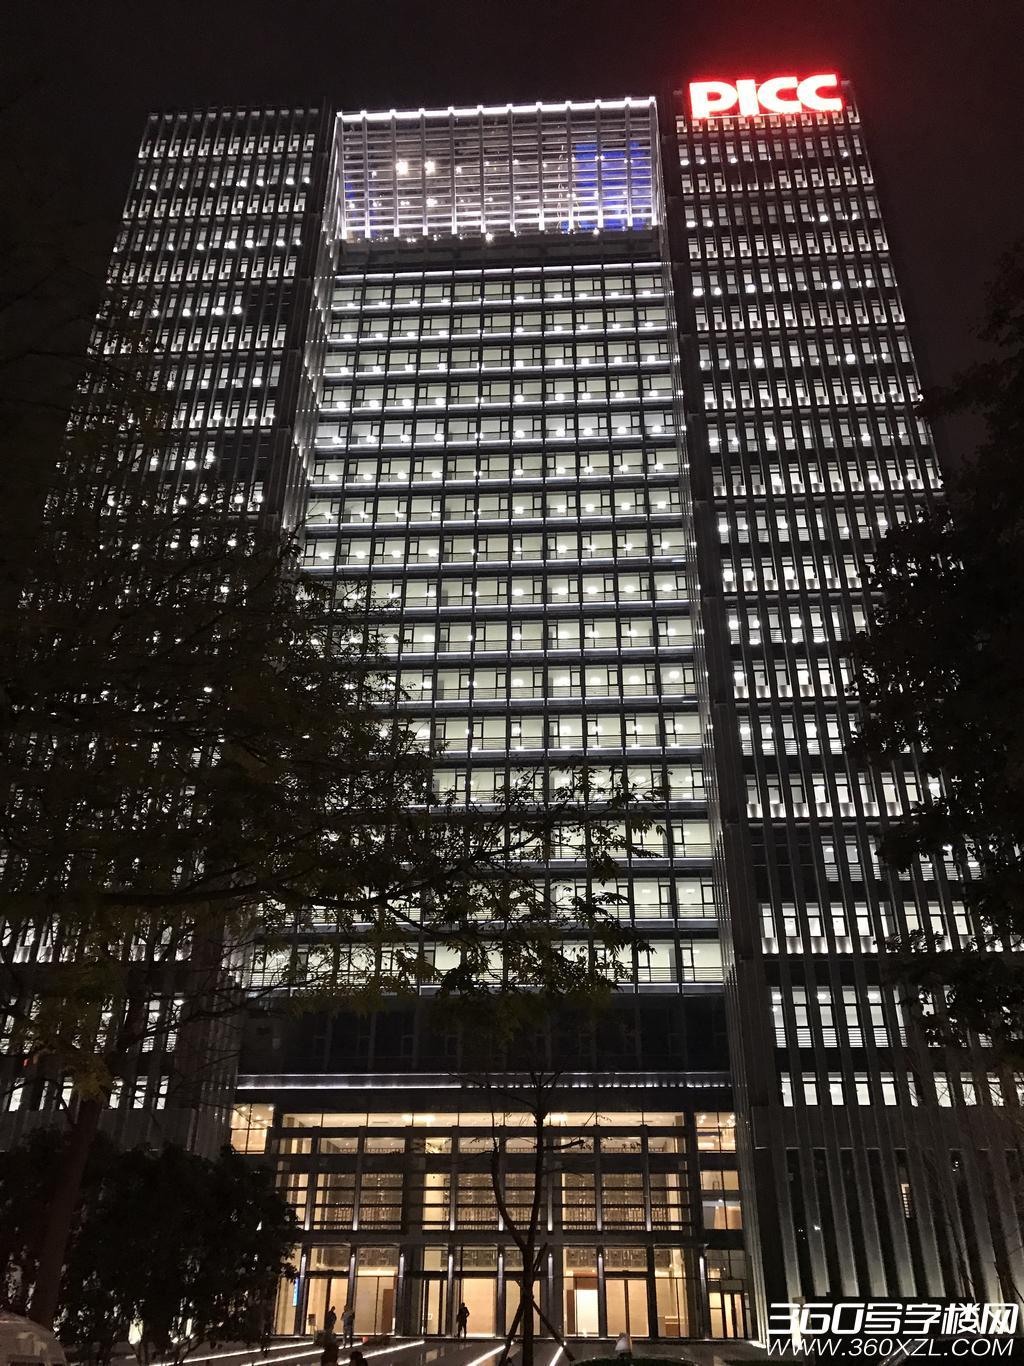 陕西人保金融大厦夜景图